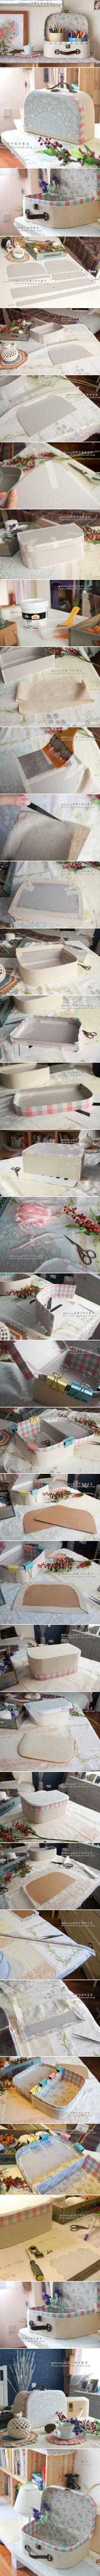 DIY Retro Cosmetic Case DIY Projects | UsefulDIY.com